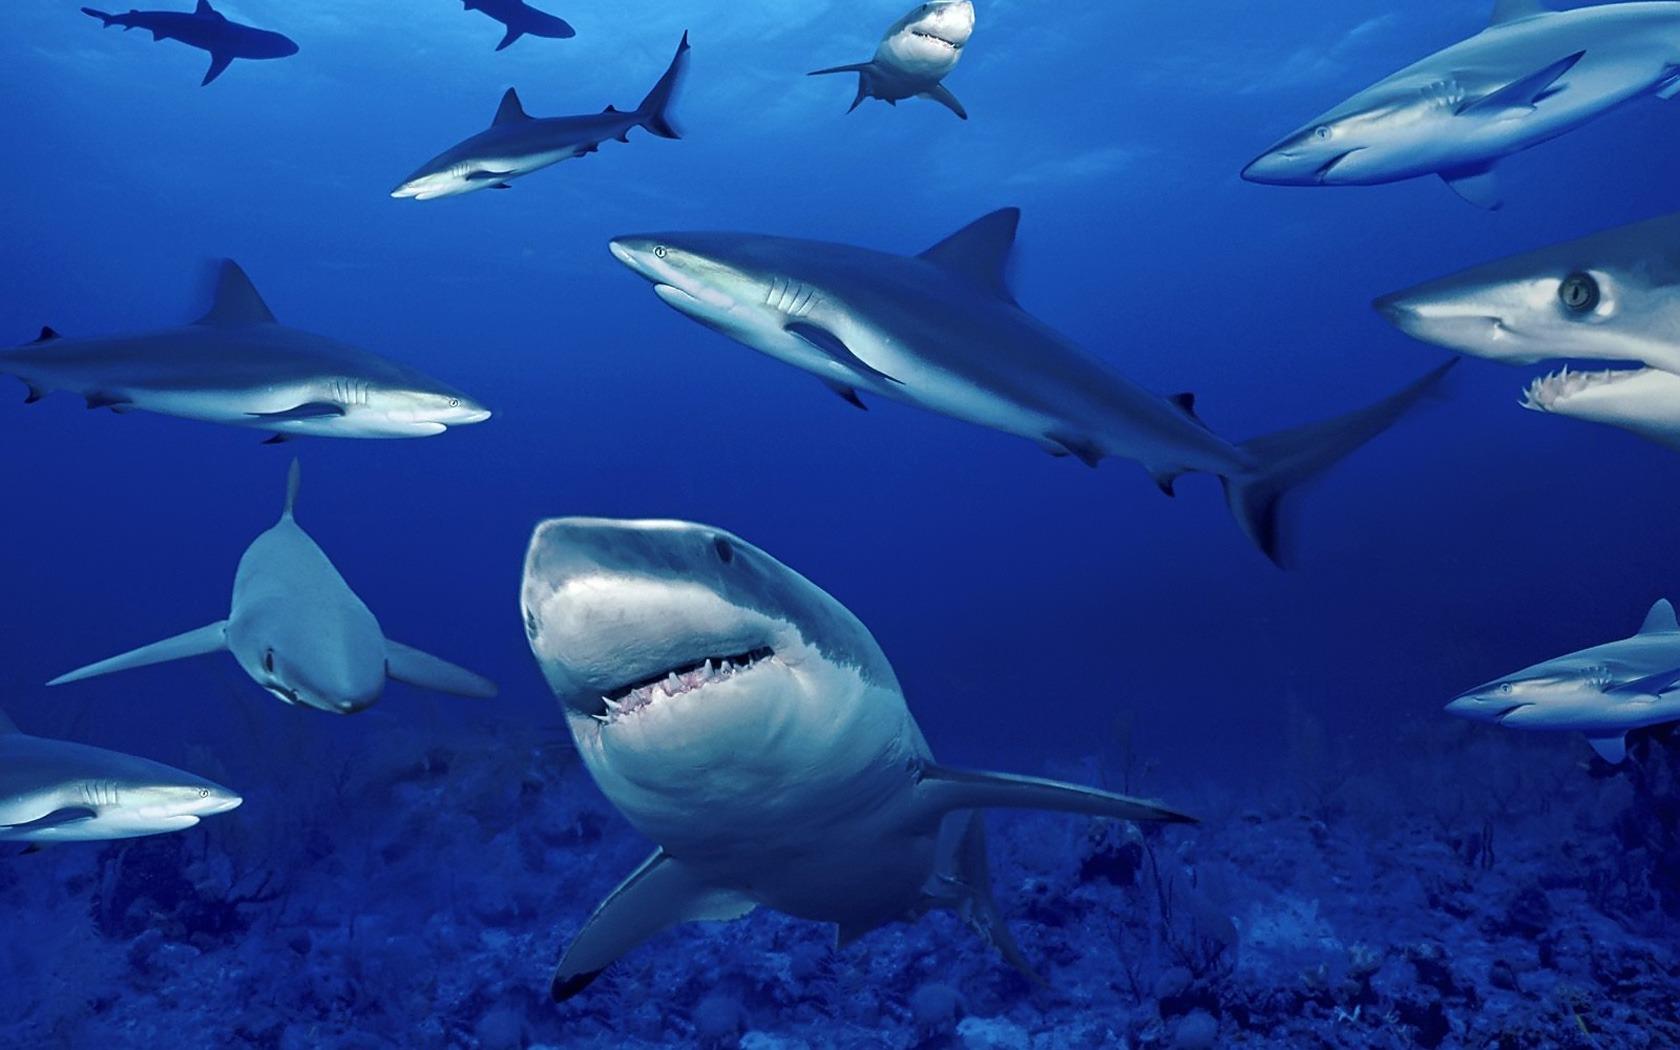 (Fotos) Crueldad animal: asesinan a tiburón en peligro de extinción junto a sus crías en Colombia